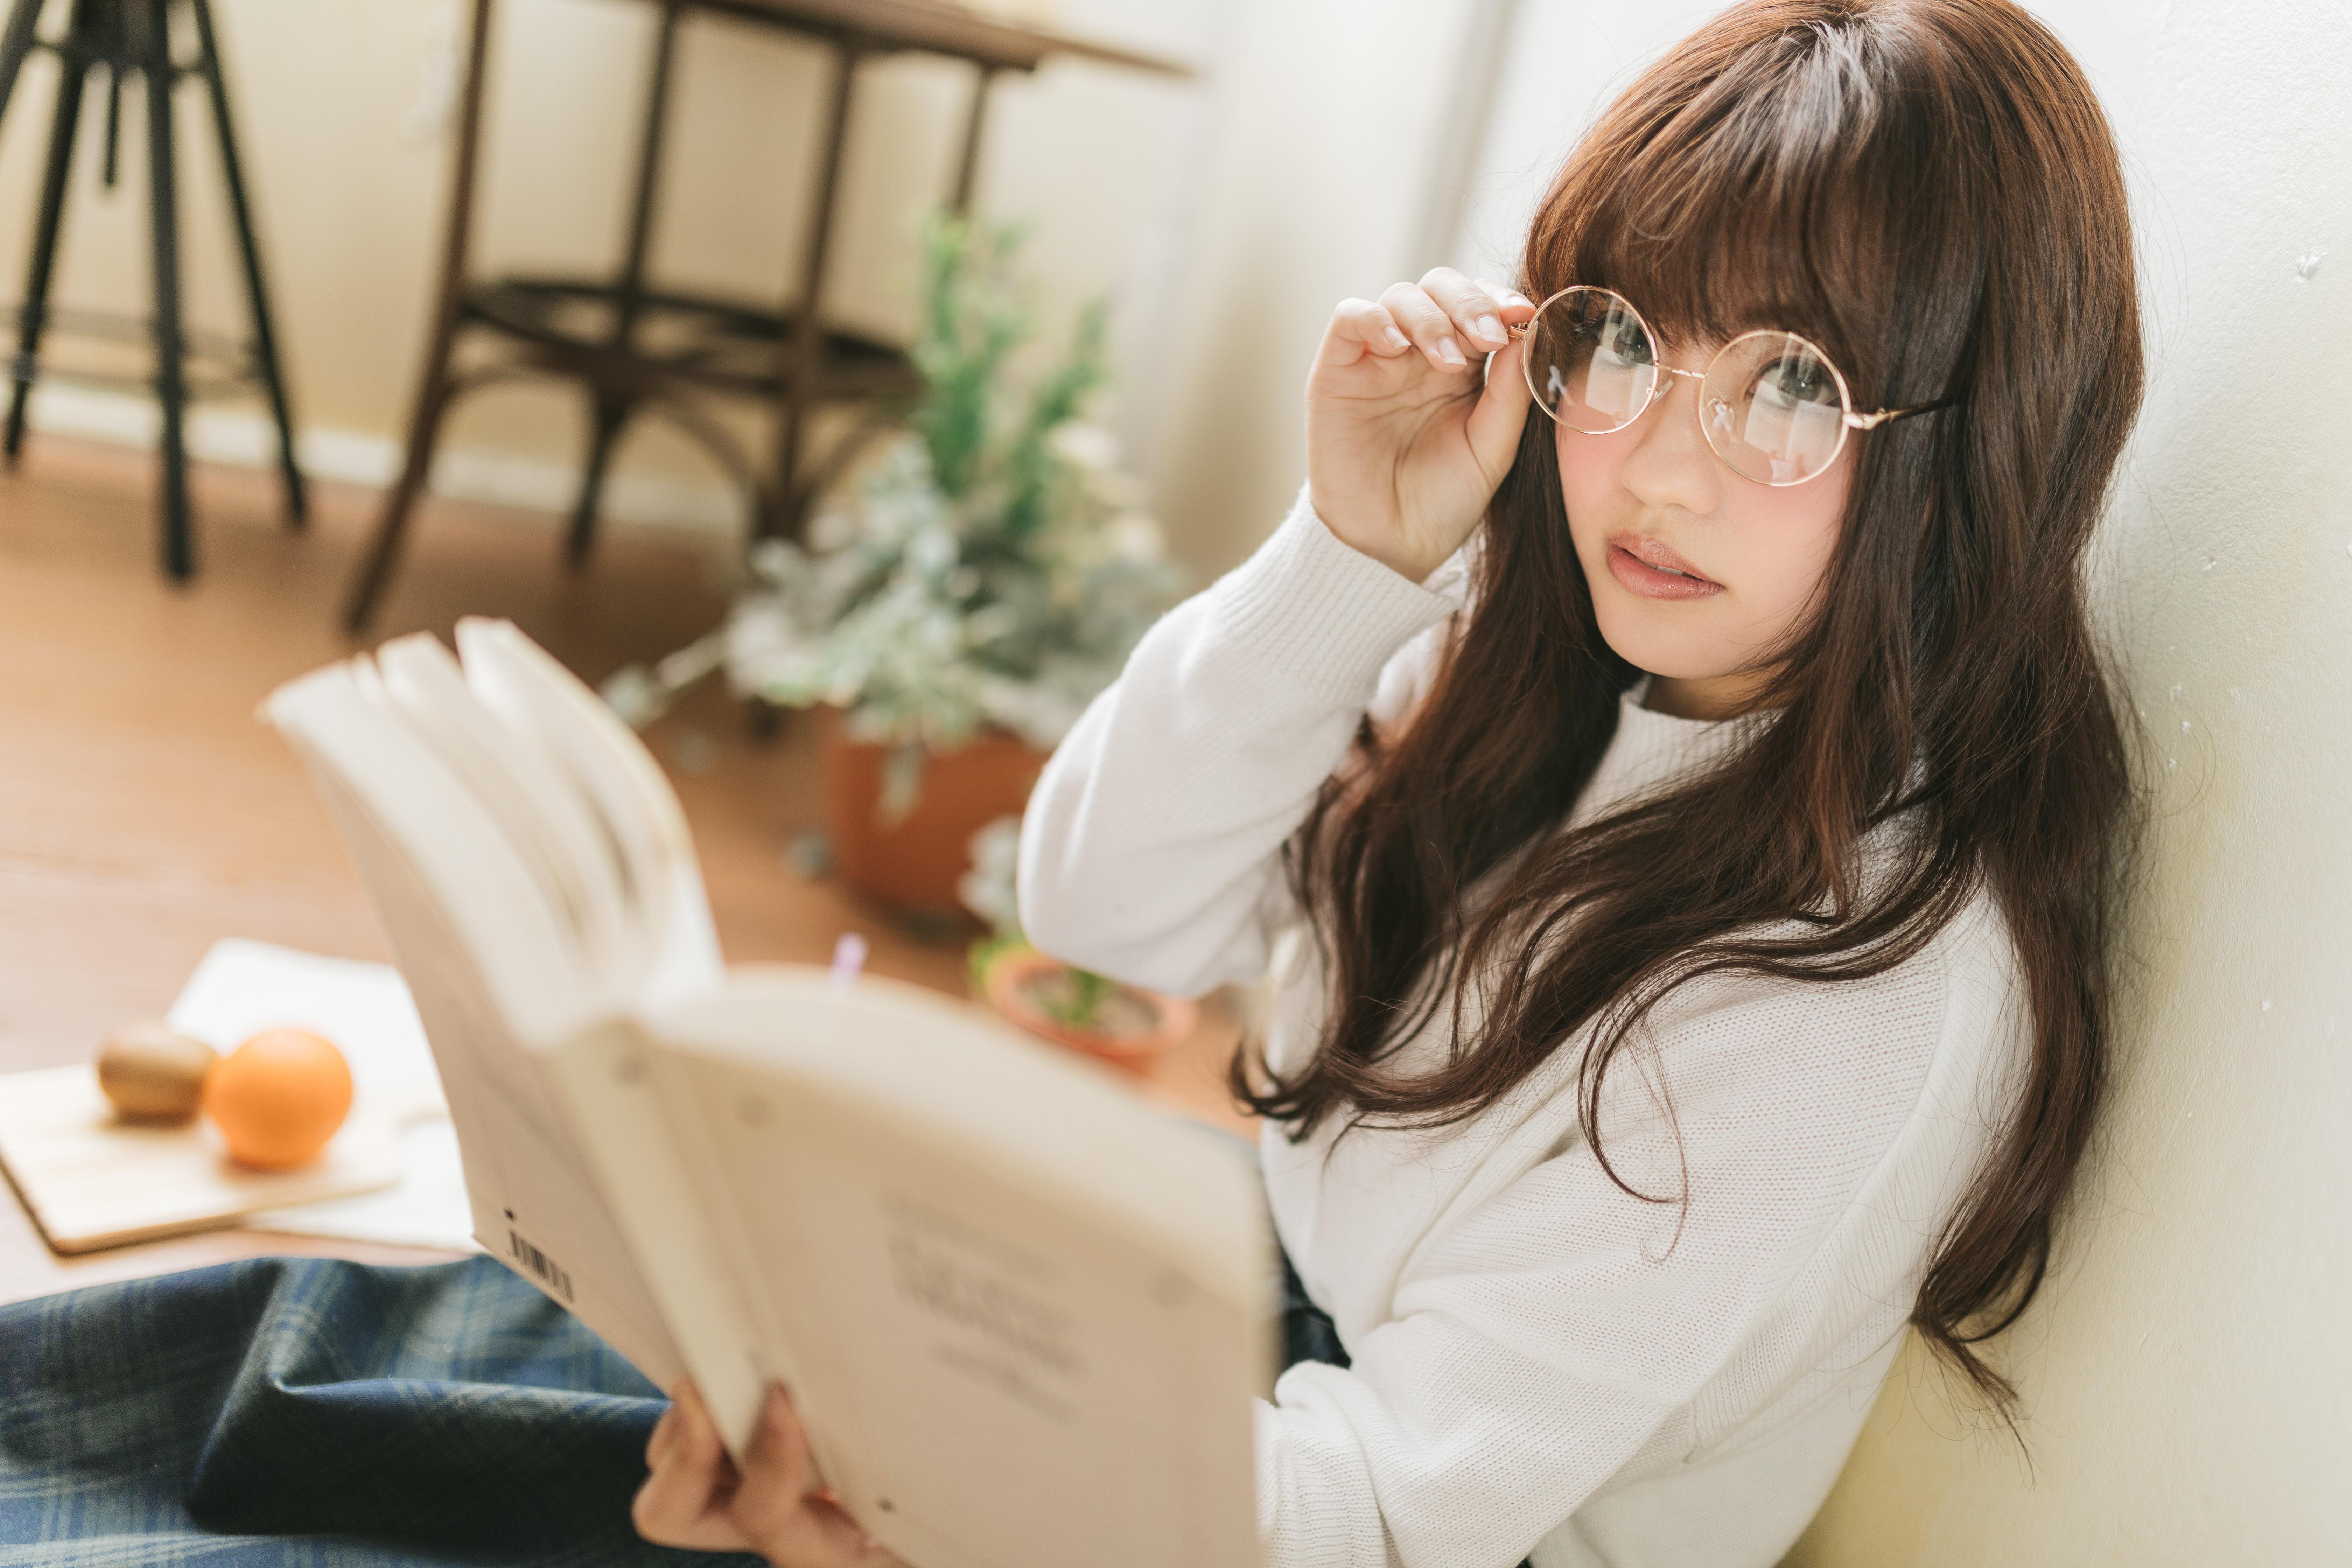 ▲▼老師,正妹,教師,眼鏡,女,書,看書。(圖/翻攝自pakutaso)